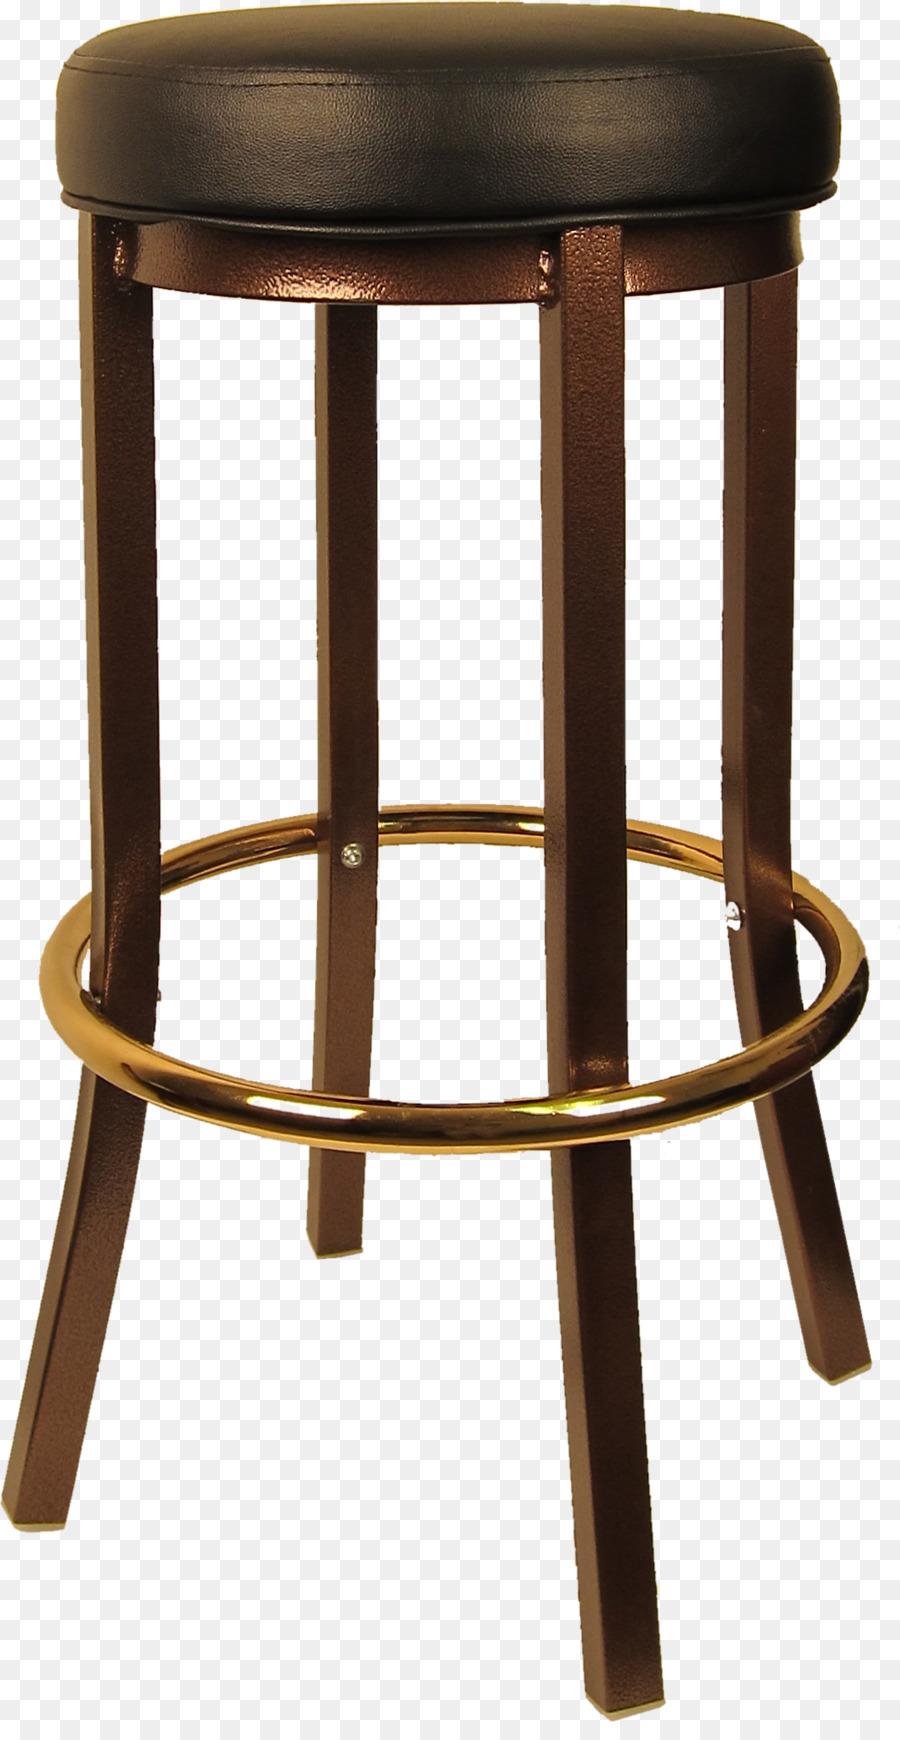 Bar Hocker Küche Stuhl Tisch Arbeitsplatte - Küche png ...